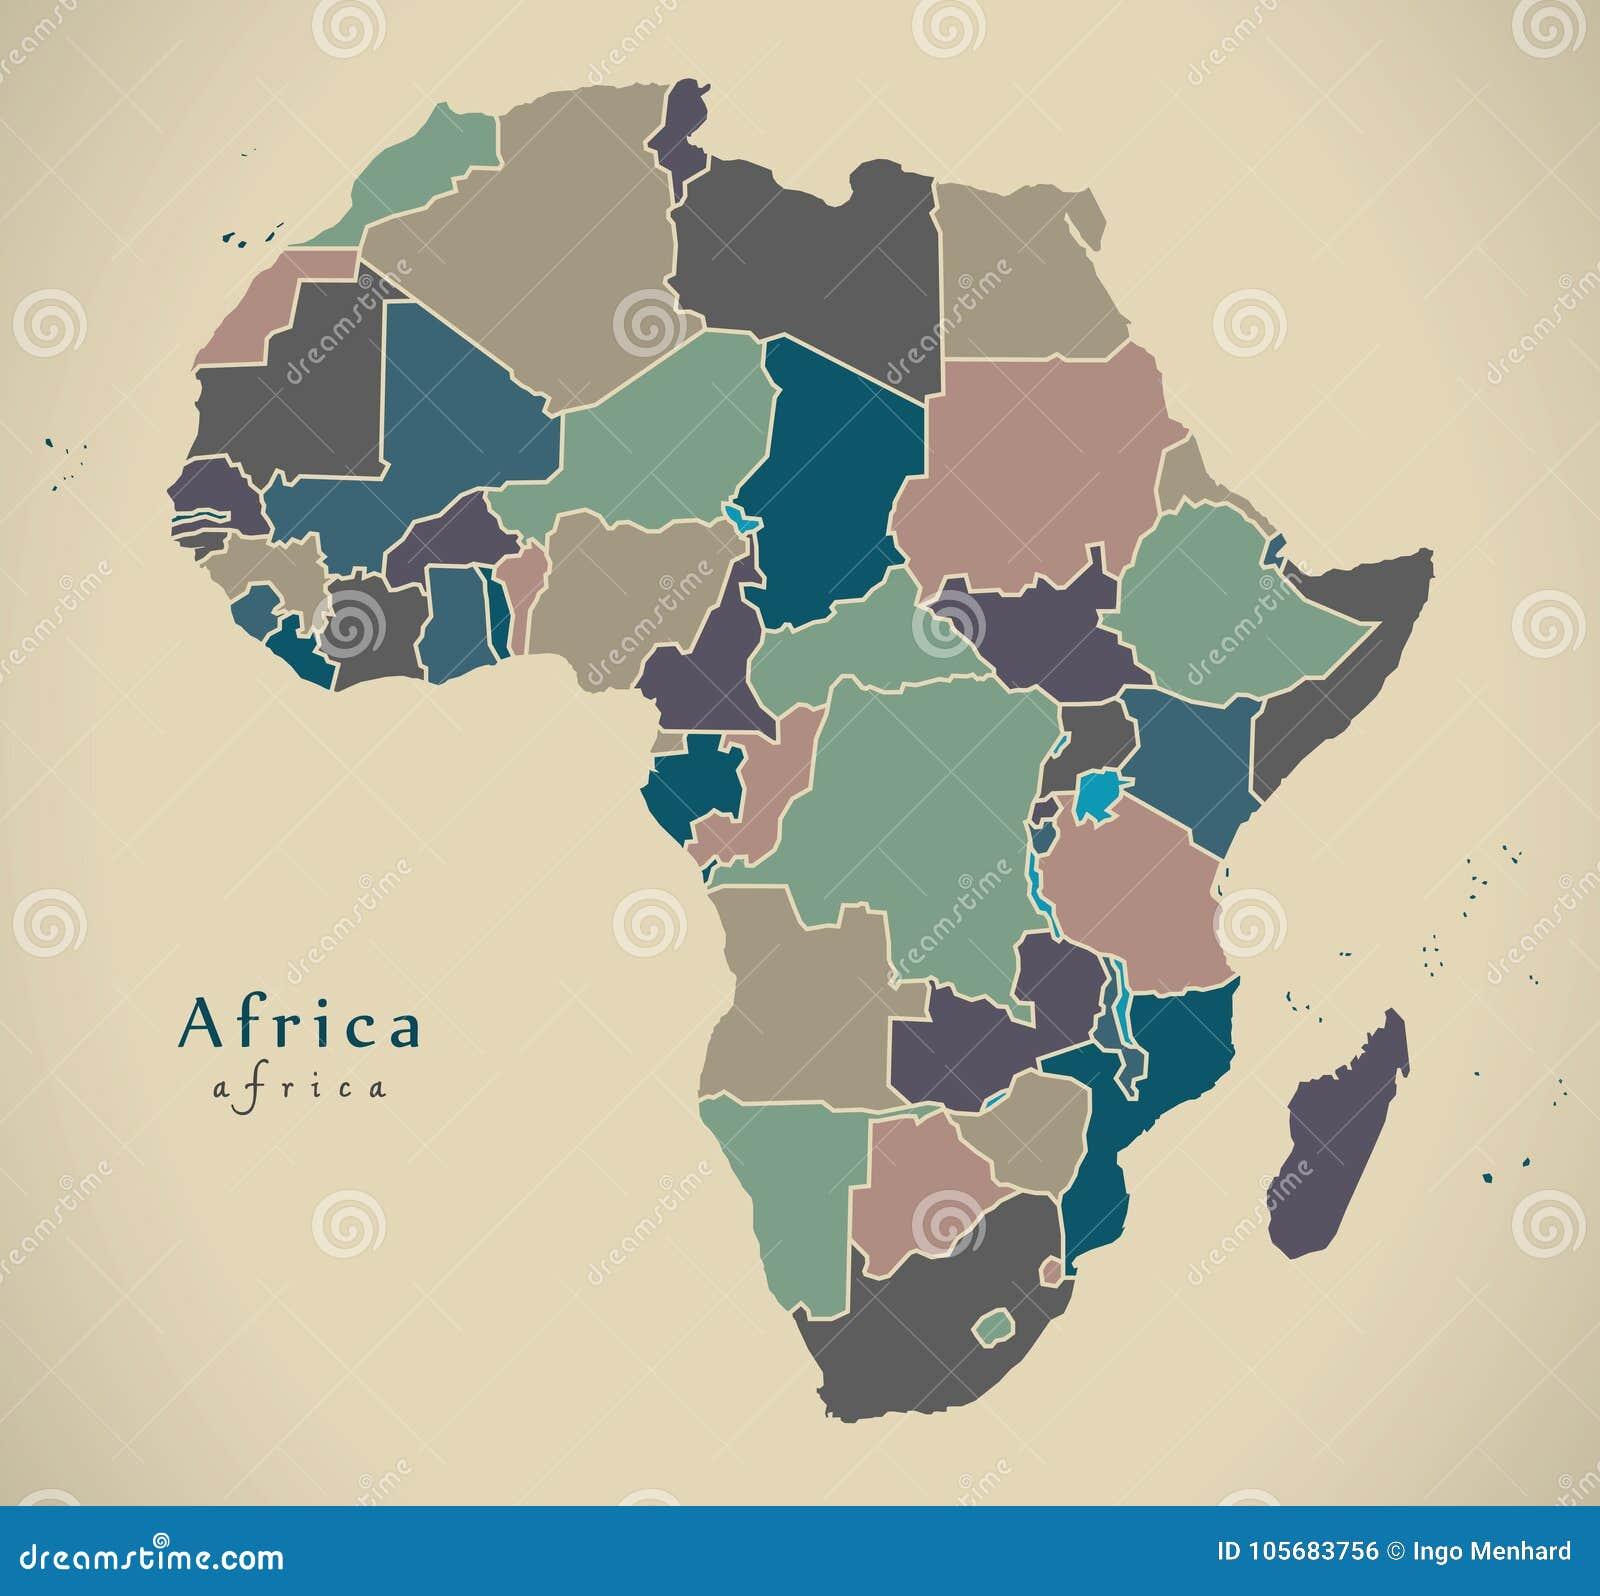 Mapa moderno - continente de África con político de los países coloreado